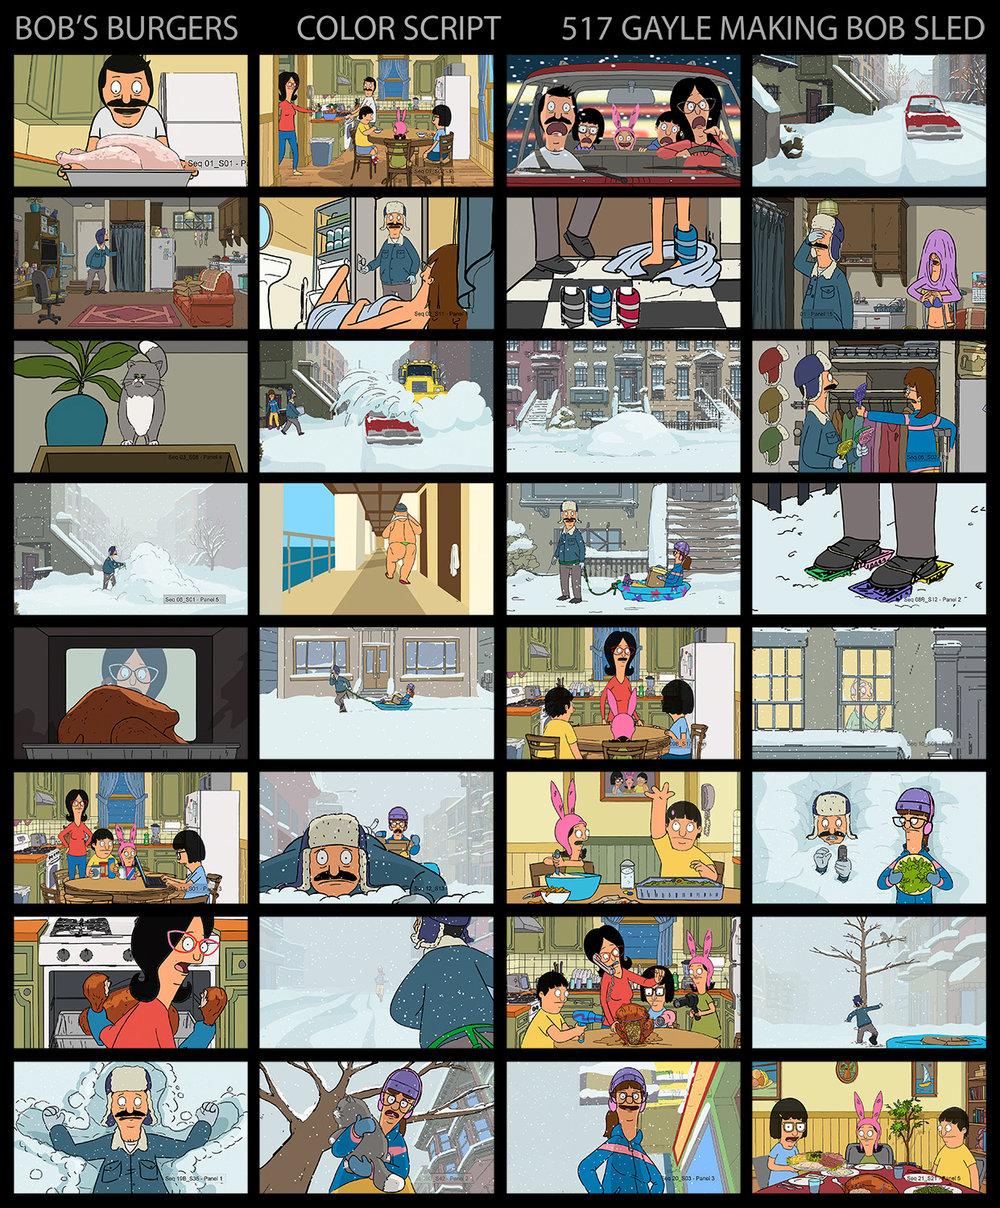 TREVOR Simonsen Bobs Burgers color script.jpg